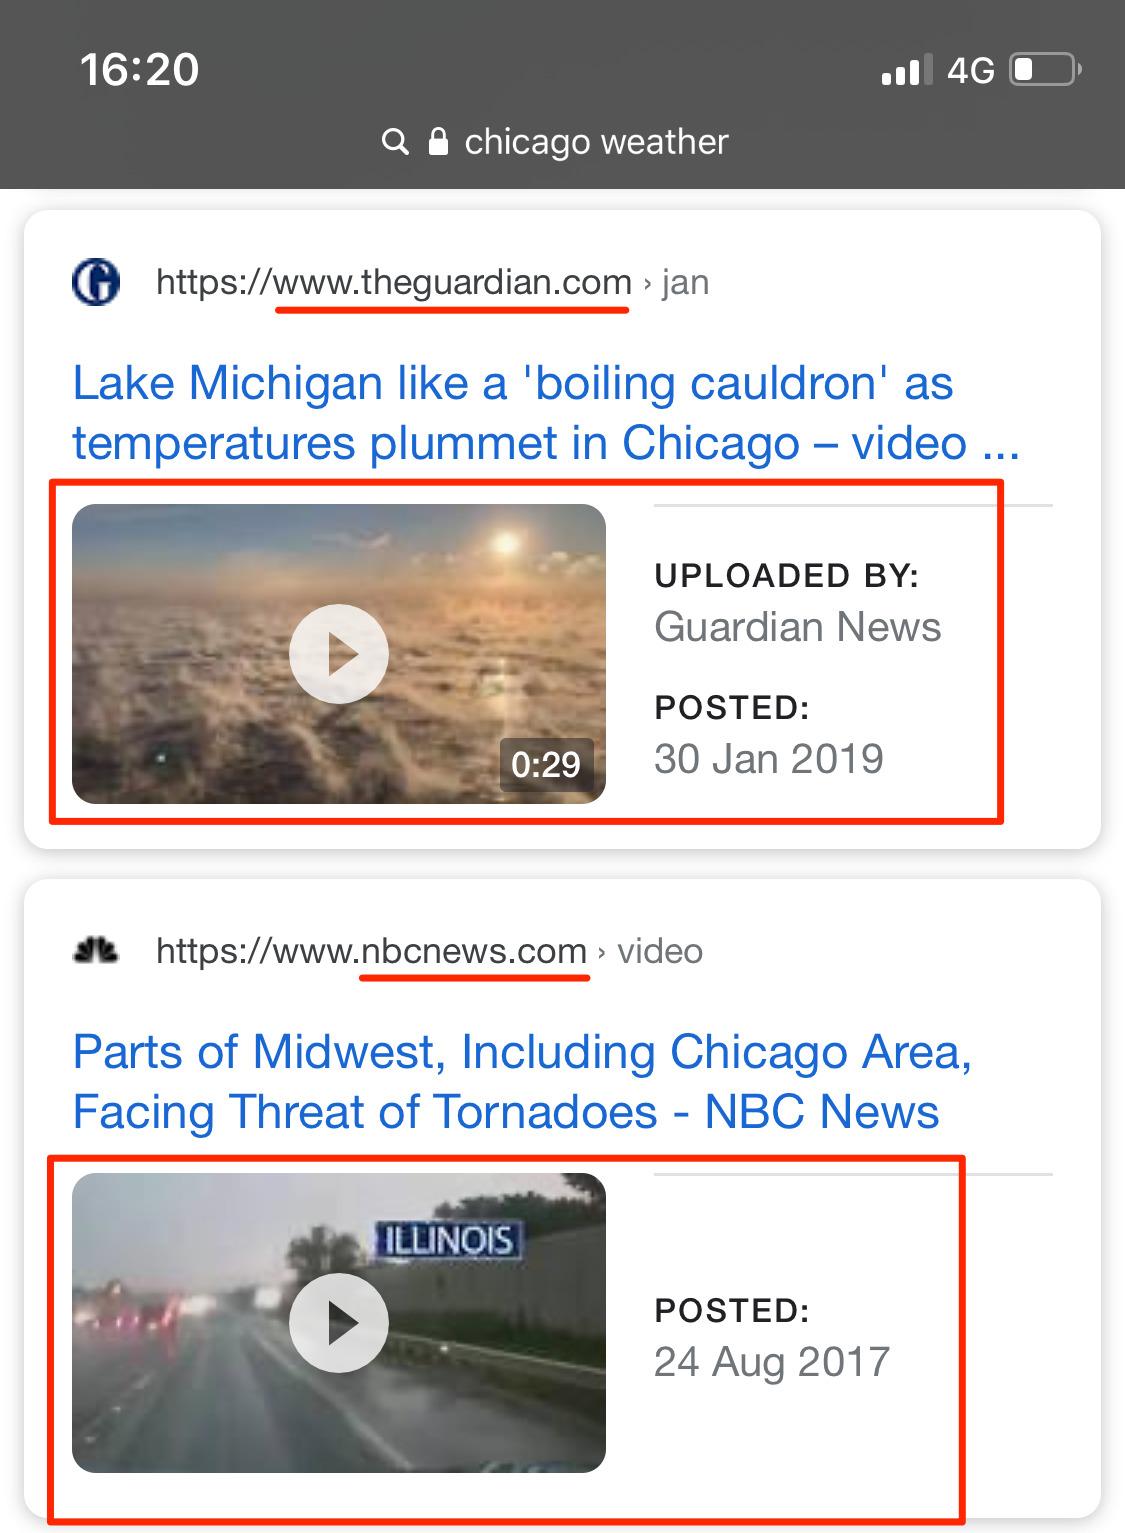 """résultats vidéo autohébergés 1 """"srcset ="""" https://ahrefs.com/blog/wp-content/uploads/2019/12/video-results-self-hosted-1.jpg 1125w, https://ahrefs.com/ blog / wp-content / uploads / 2019/12 / video-results-self-hébergé-1-312x425.jpg 312w, https://ahrefs.com/blog/wp-content/uploads/2019/12/video-results -auto-hébergé-1-768x1047.jpg 768w """"tailles ="""" (largeur max: 1125px) 100vw, 1125px"""